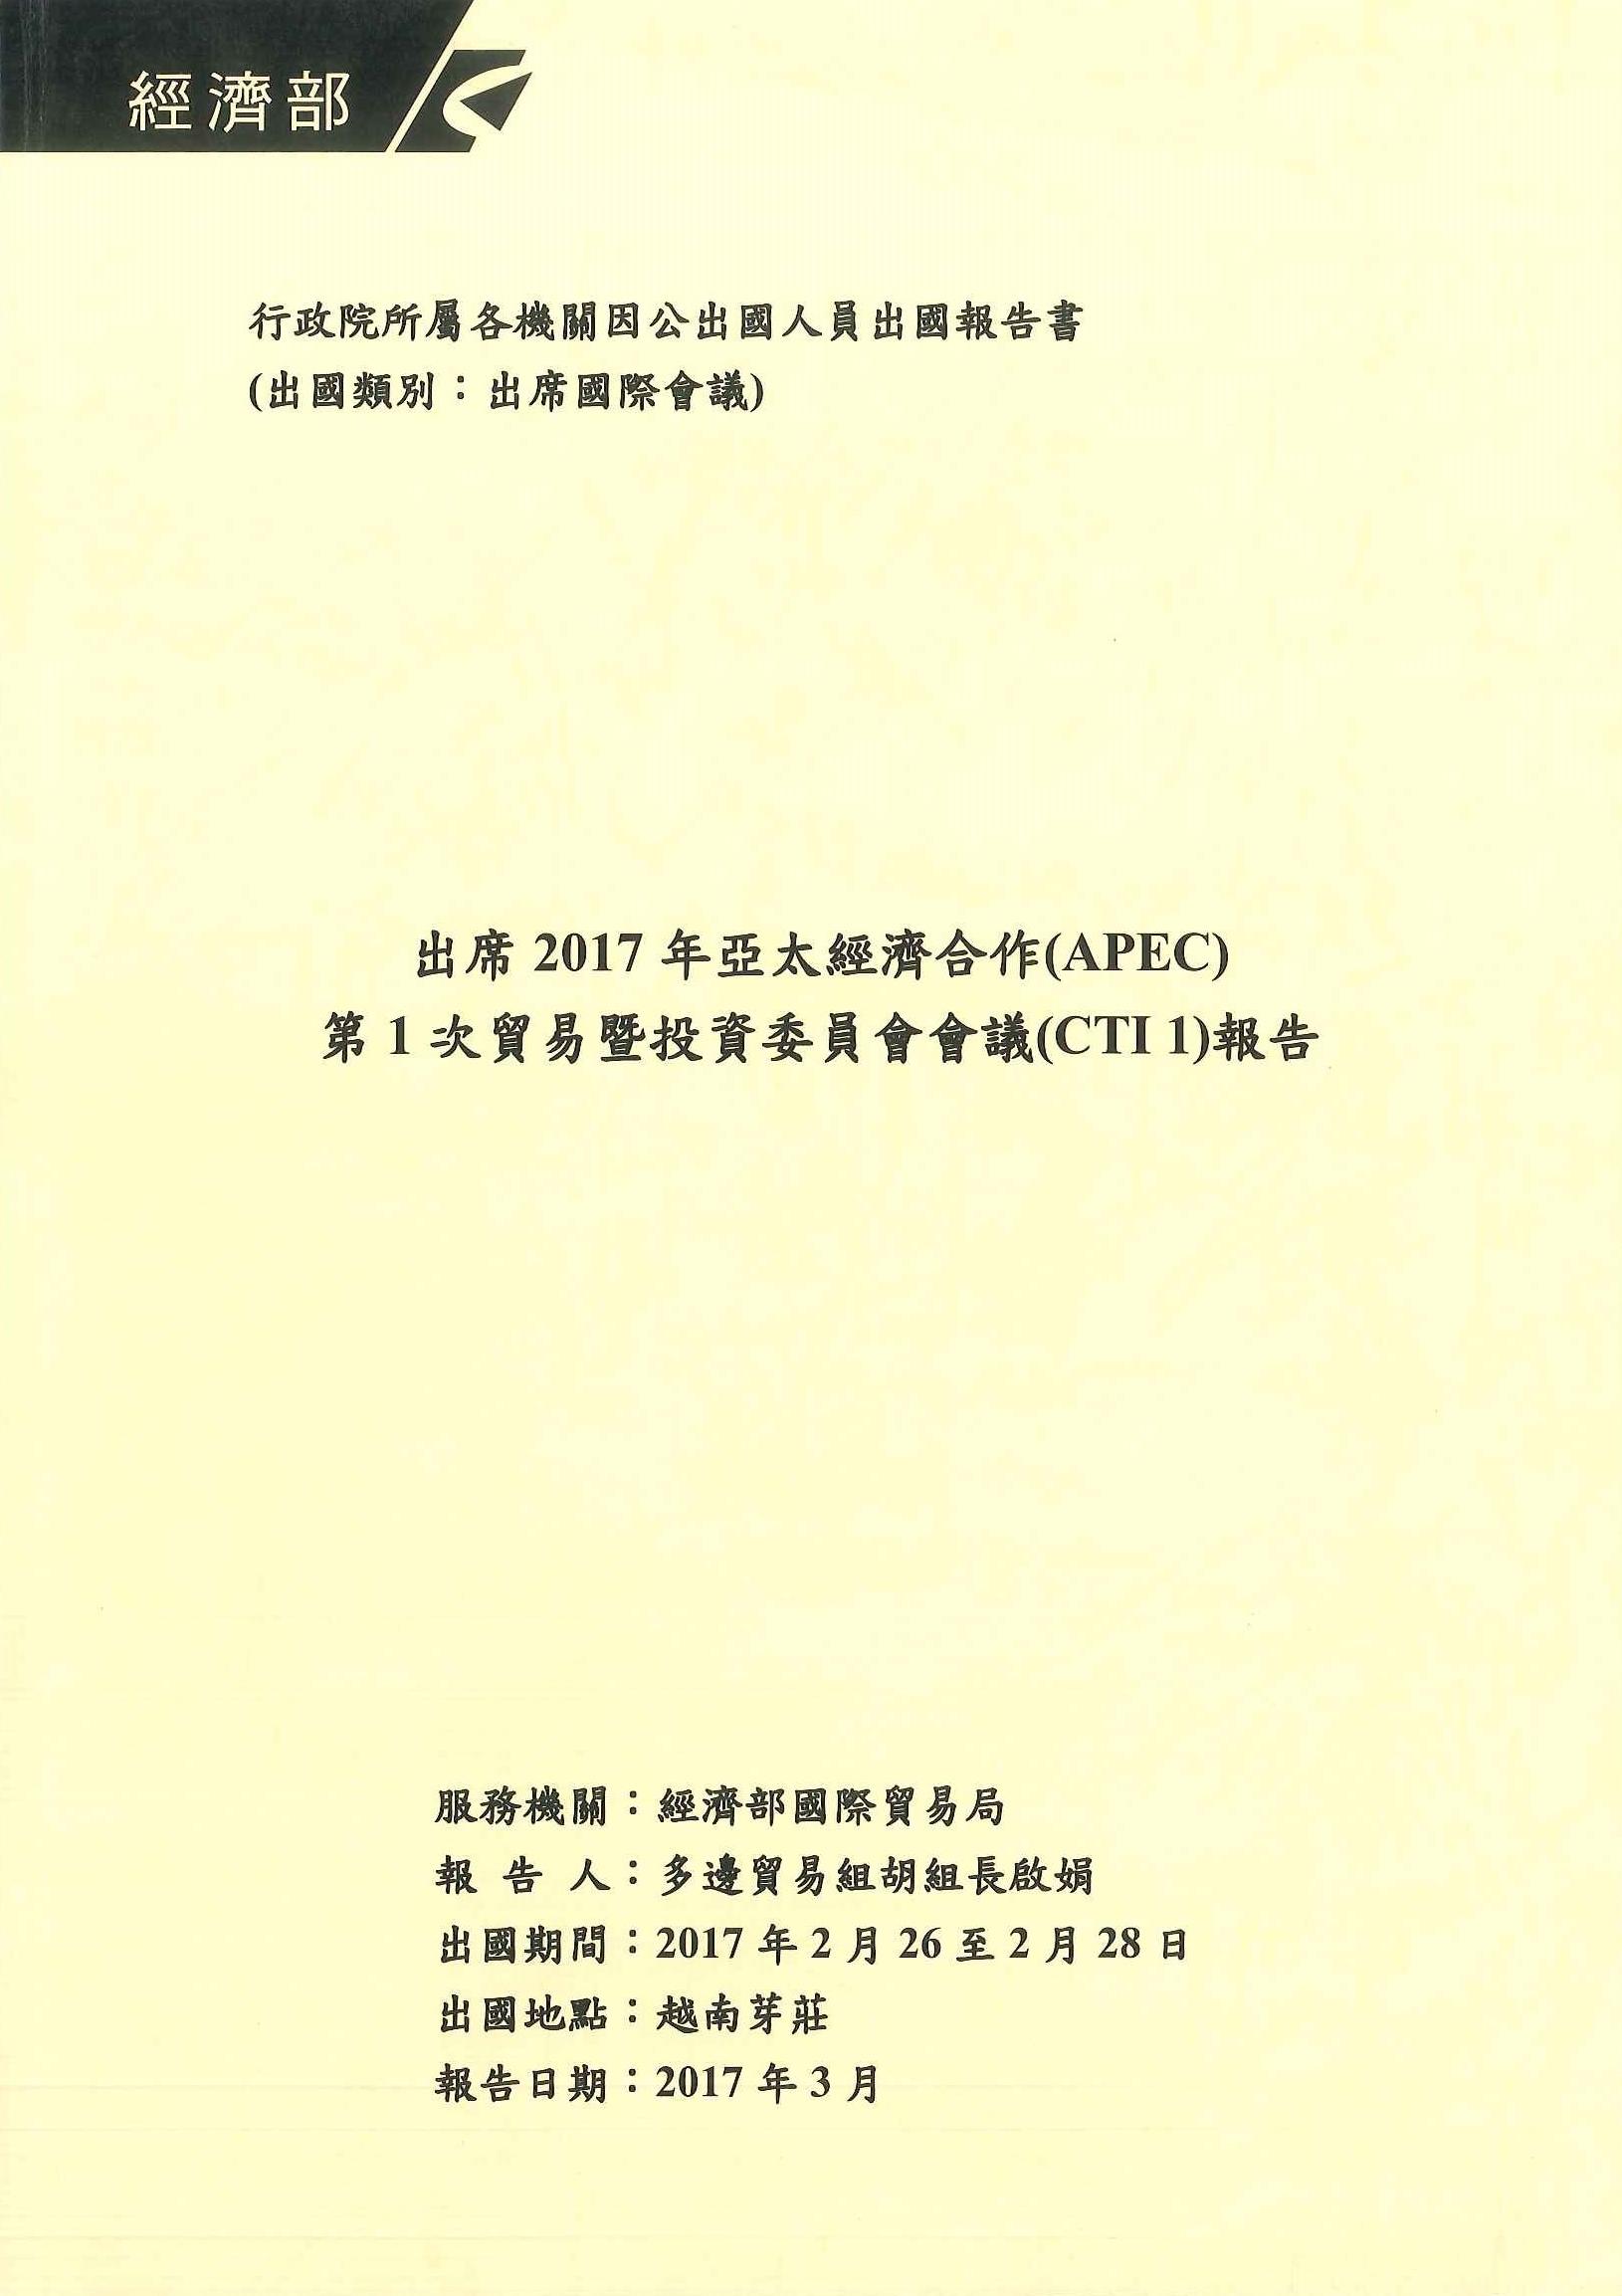 出席2017年亞太經濟合作(APEC)第1次貿易暨投資委員會會議(CTI1)報告